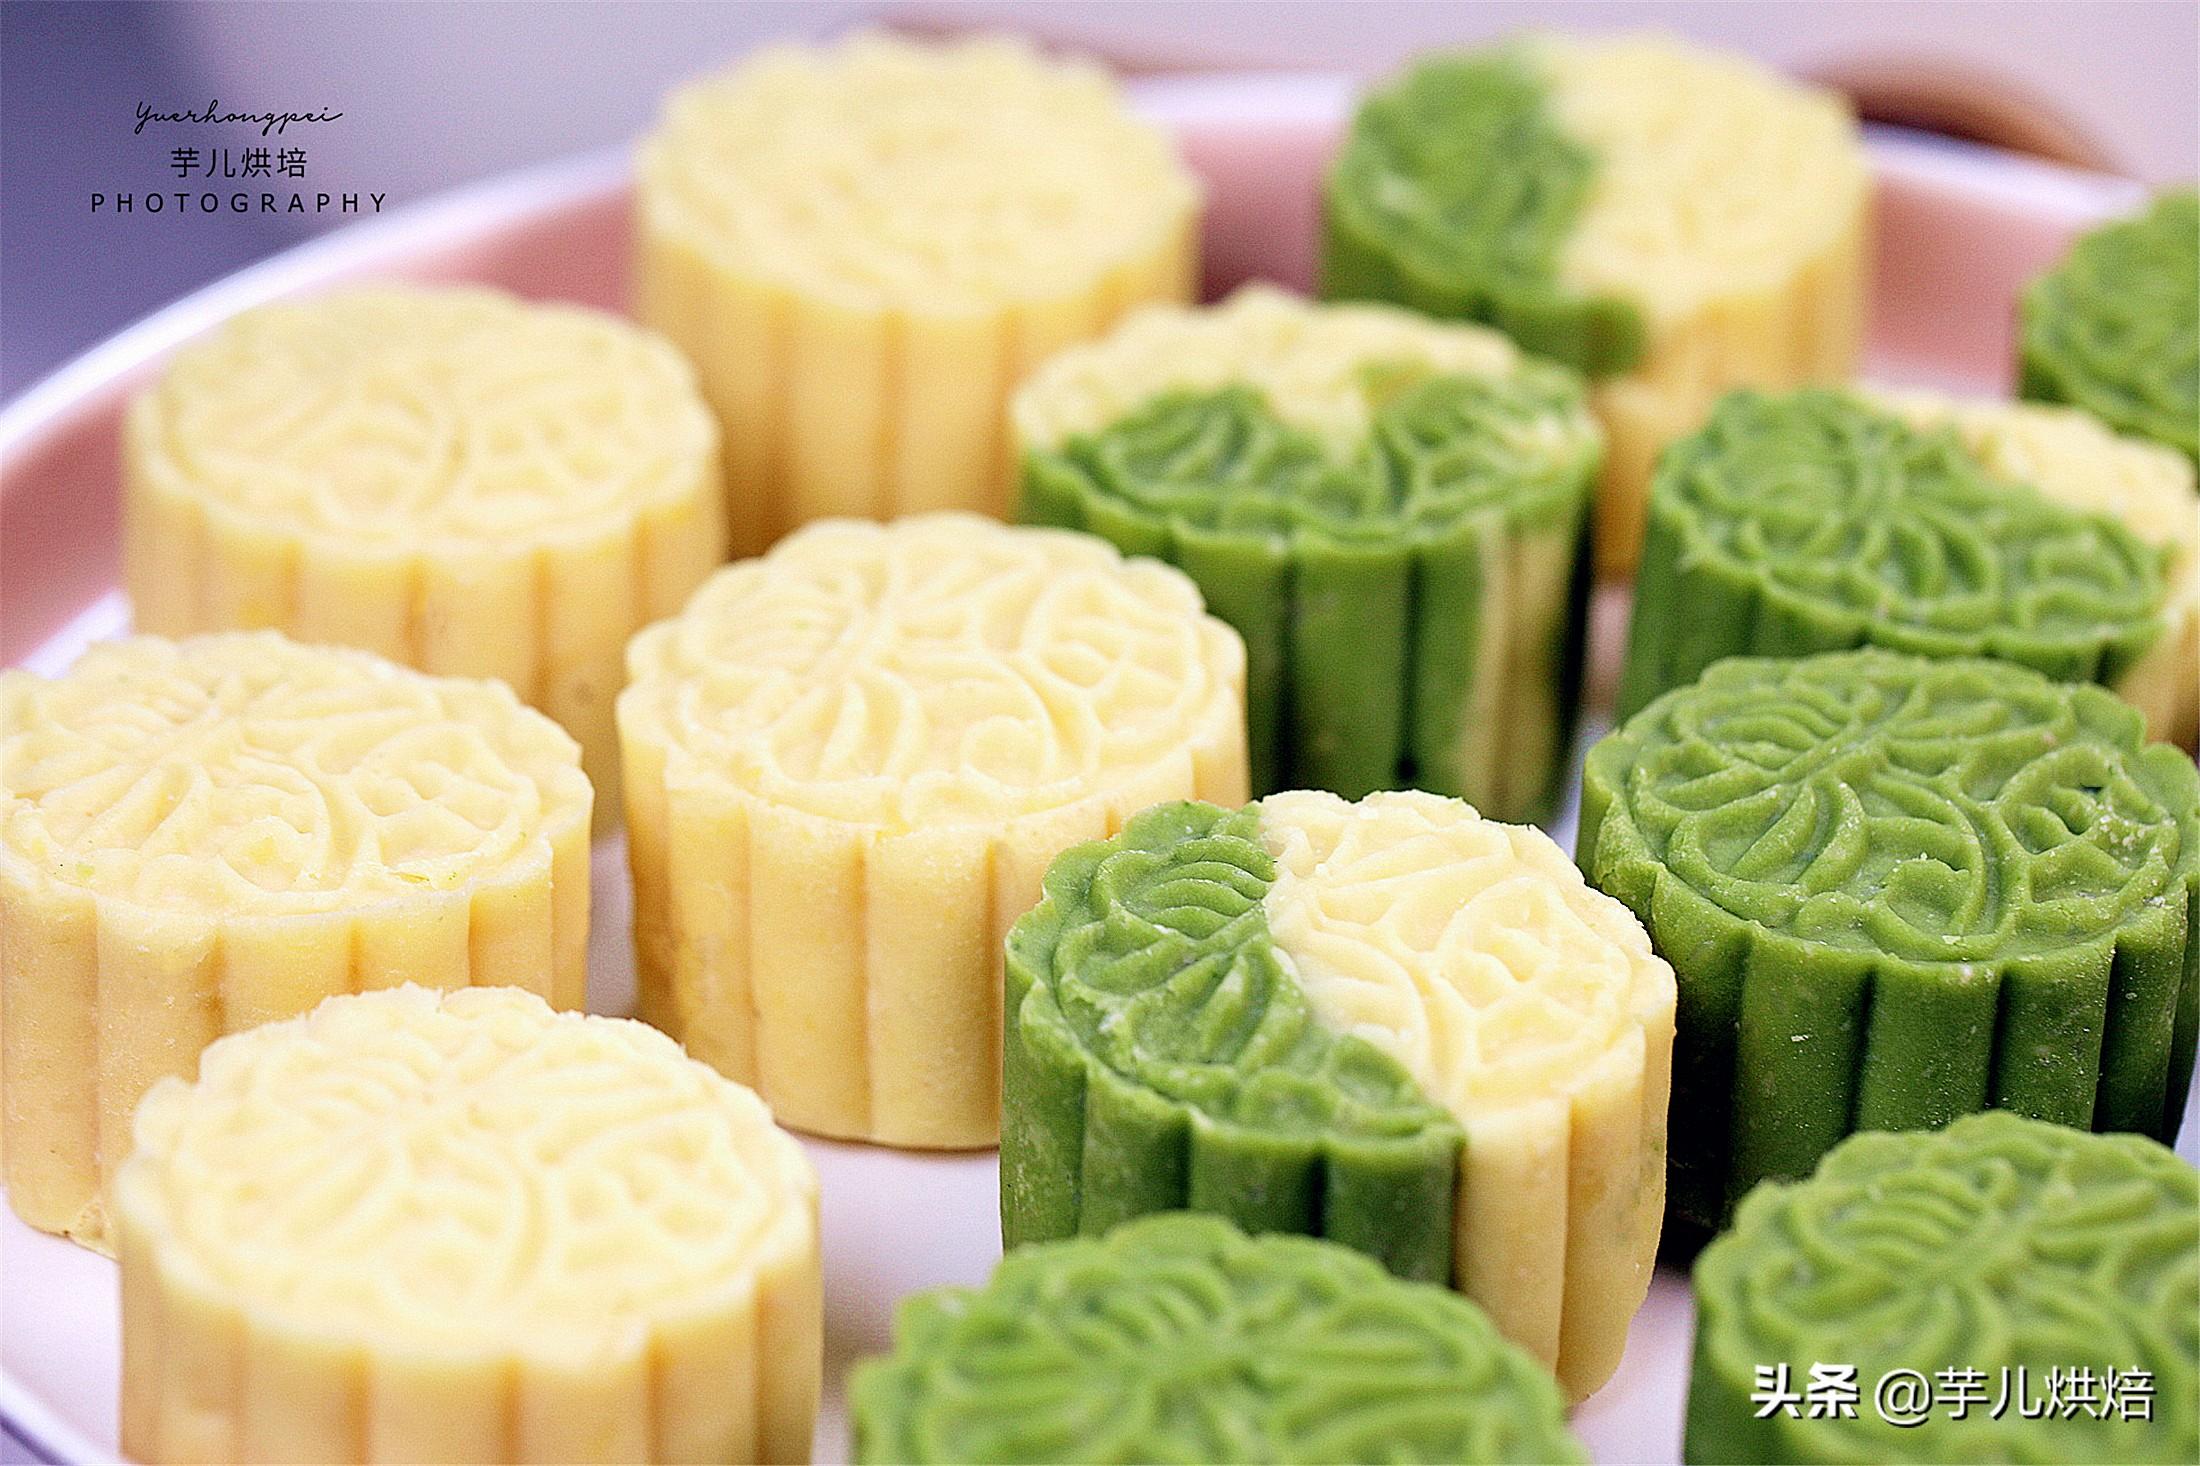 教你做綠豆糕,做法簡單無添加,香甜鬆軟不粘牙,比買的還好吃